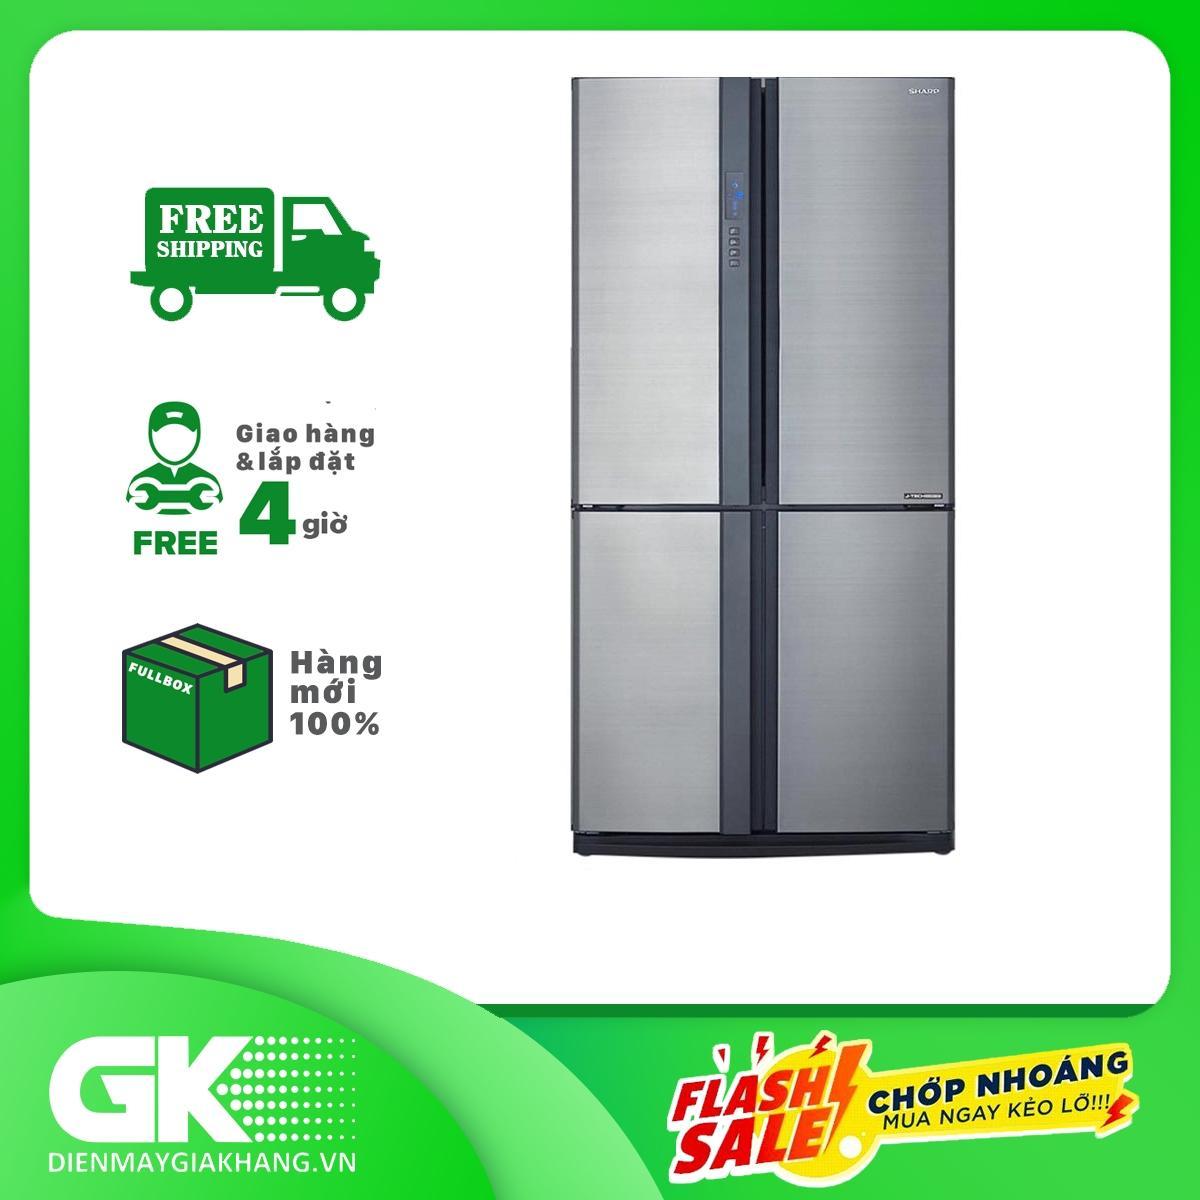 Lazada Giảm Giá Khi Mua Tủ Lạnh Sharp SJ-FX631V-SL 626L, 4 Cửa, Công Nghệ J-Tech Inverter, Khử Mùi Nano Bạc - Đồng, Khay Kính Chịu Lực - Bảo Hành 12 Tháng